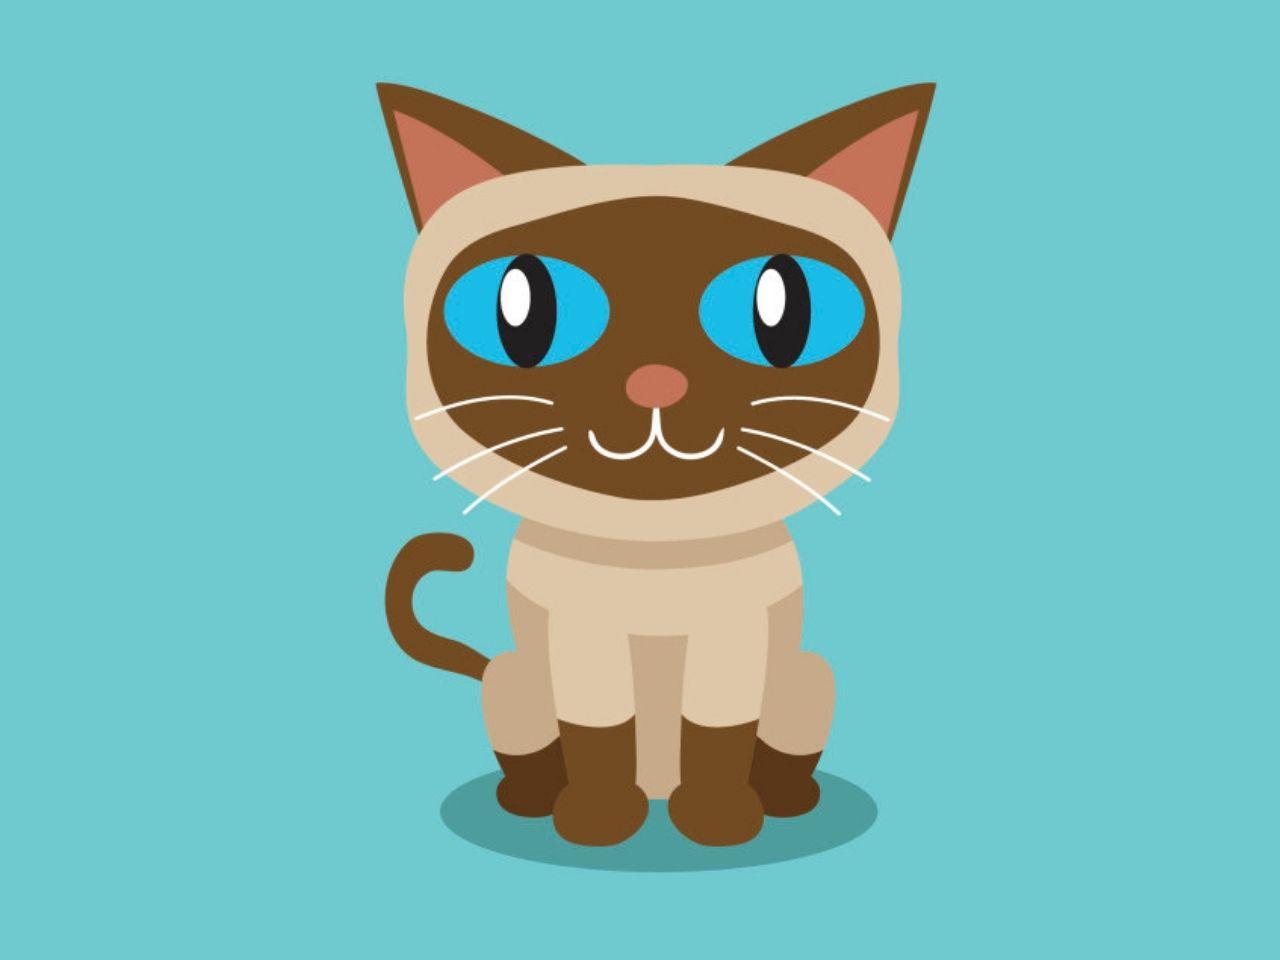 gambar kucing yang dilukis